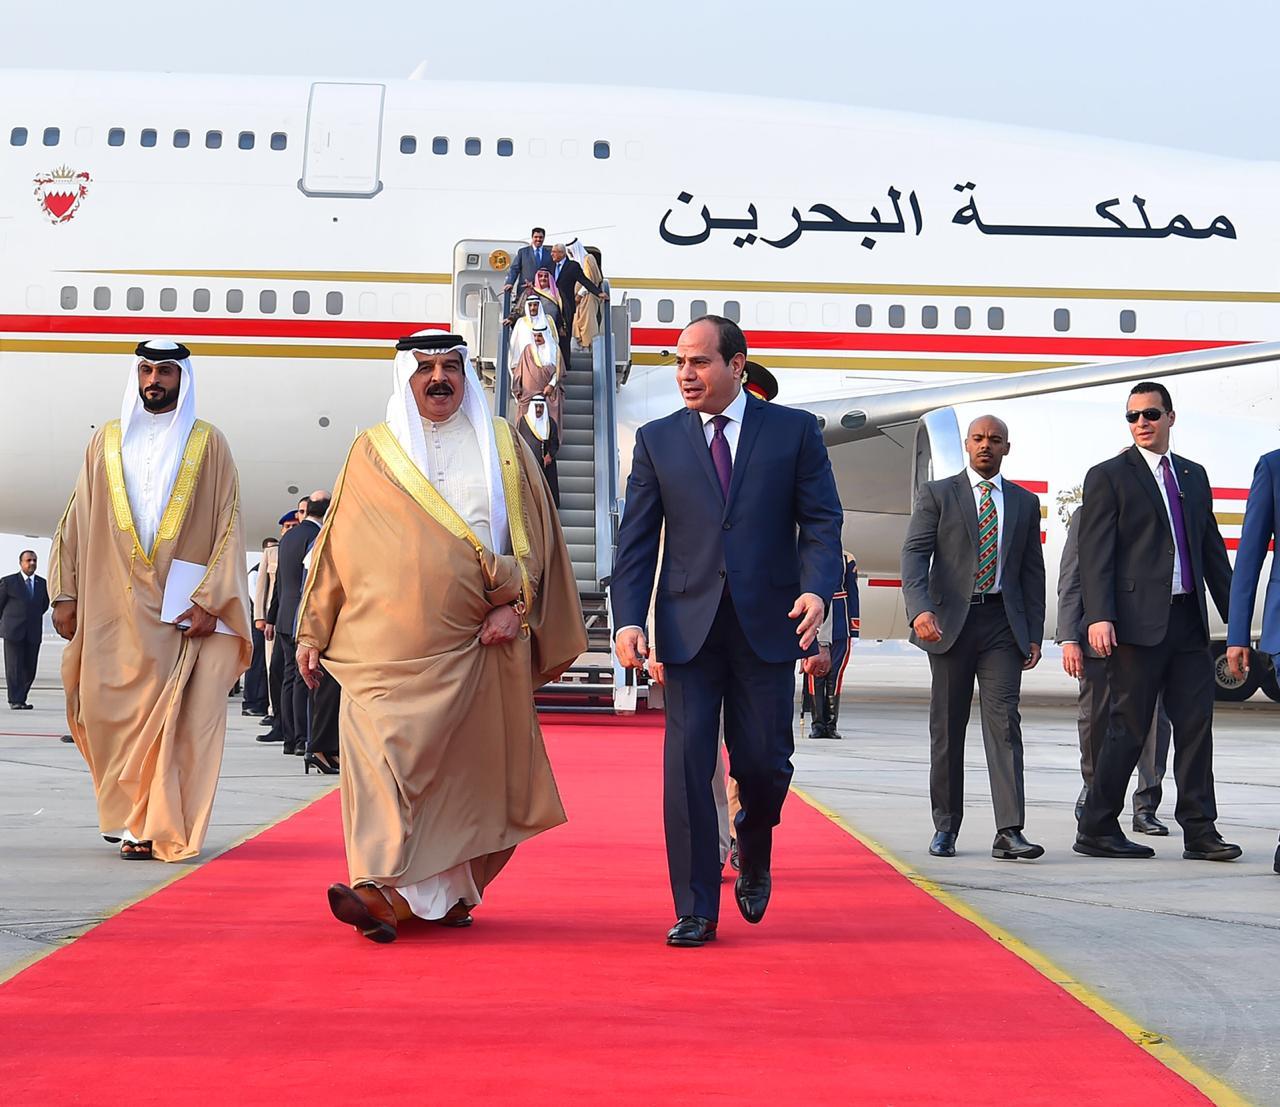 عبد الفتاح السيسي و الملك حمد بن عيسى آل خليفة ملك مملكة البحرين (3)